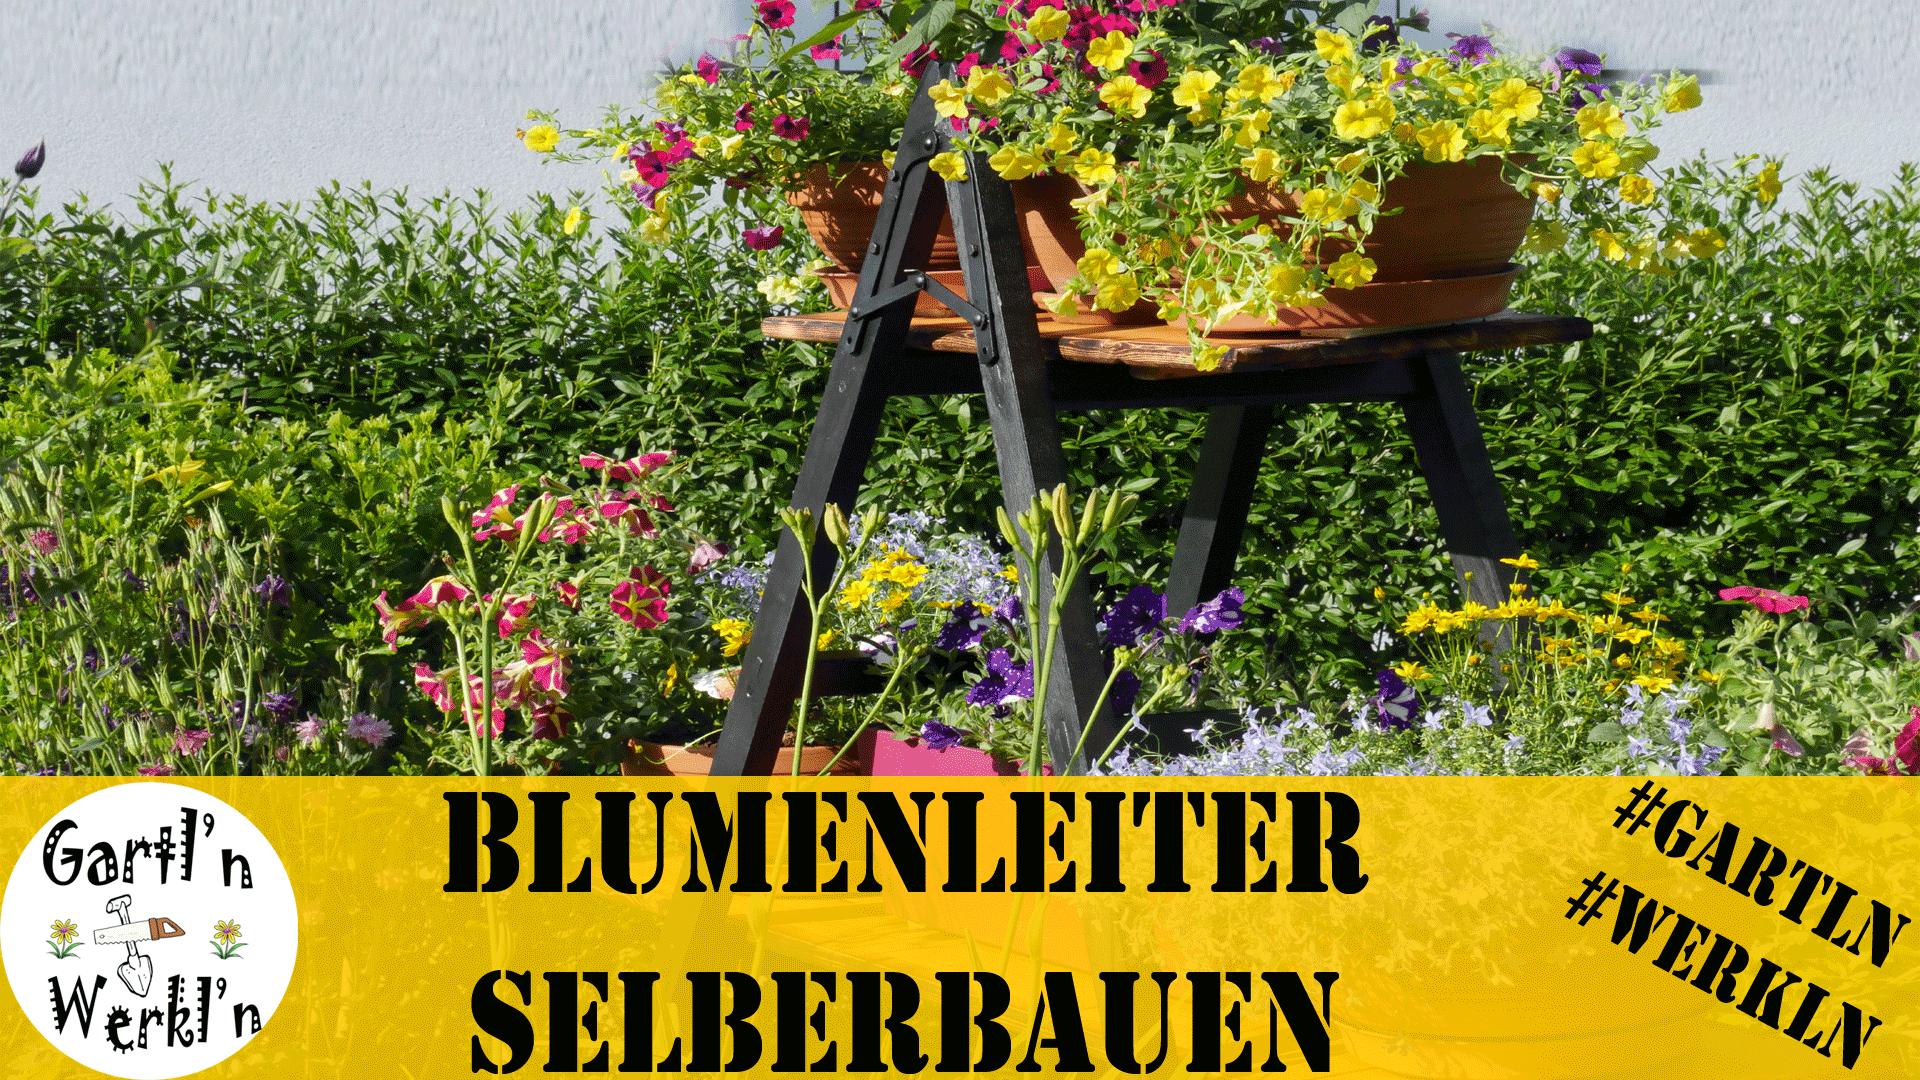 Upcycling einer alten Holzleiter zur Blumenleiter